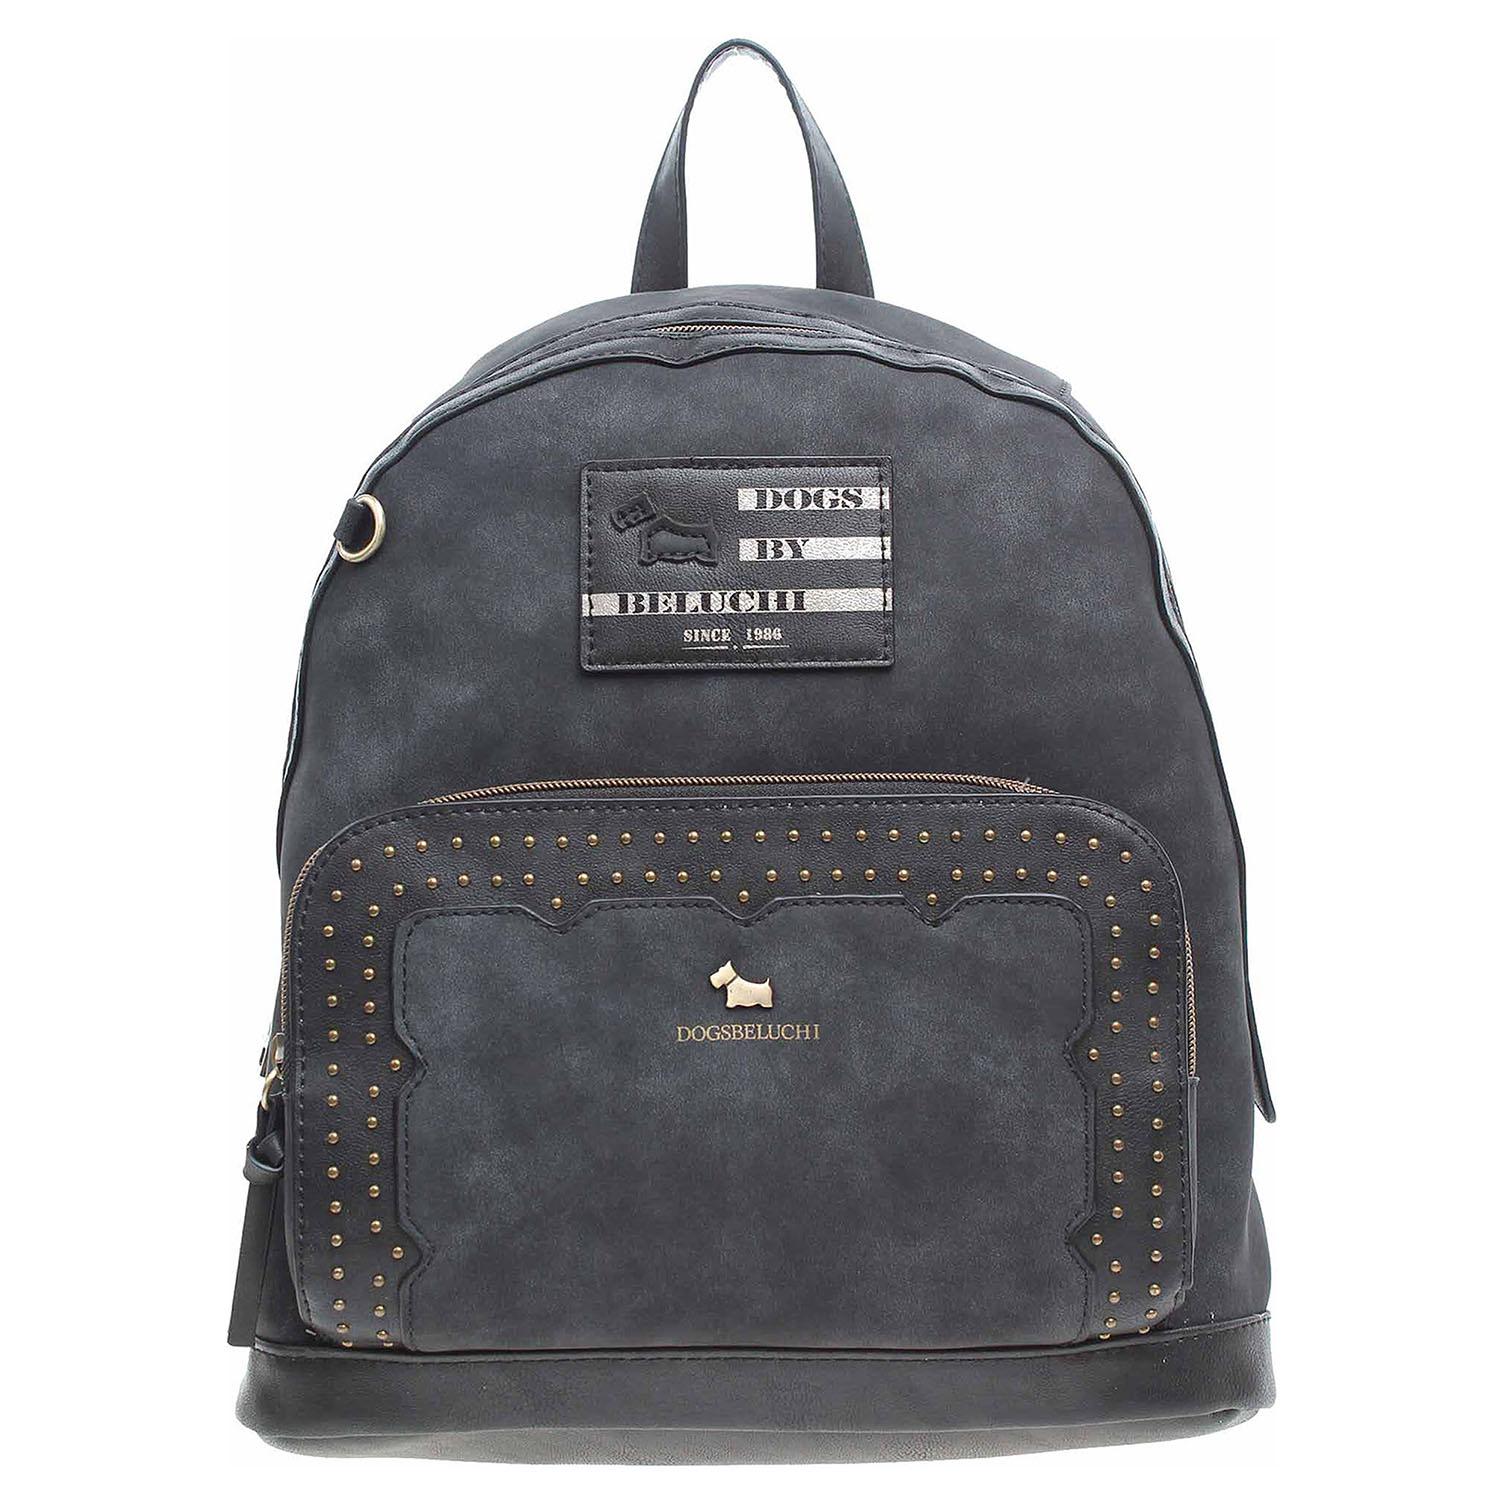 Ecco Dogsbybeluchi dámský batoh 25366 černý 11601271